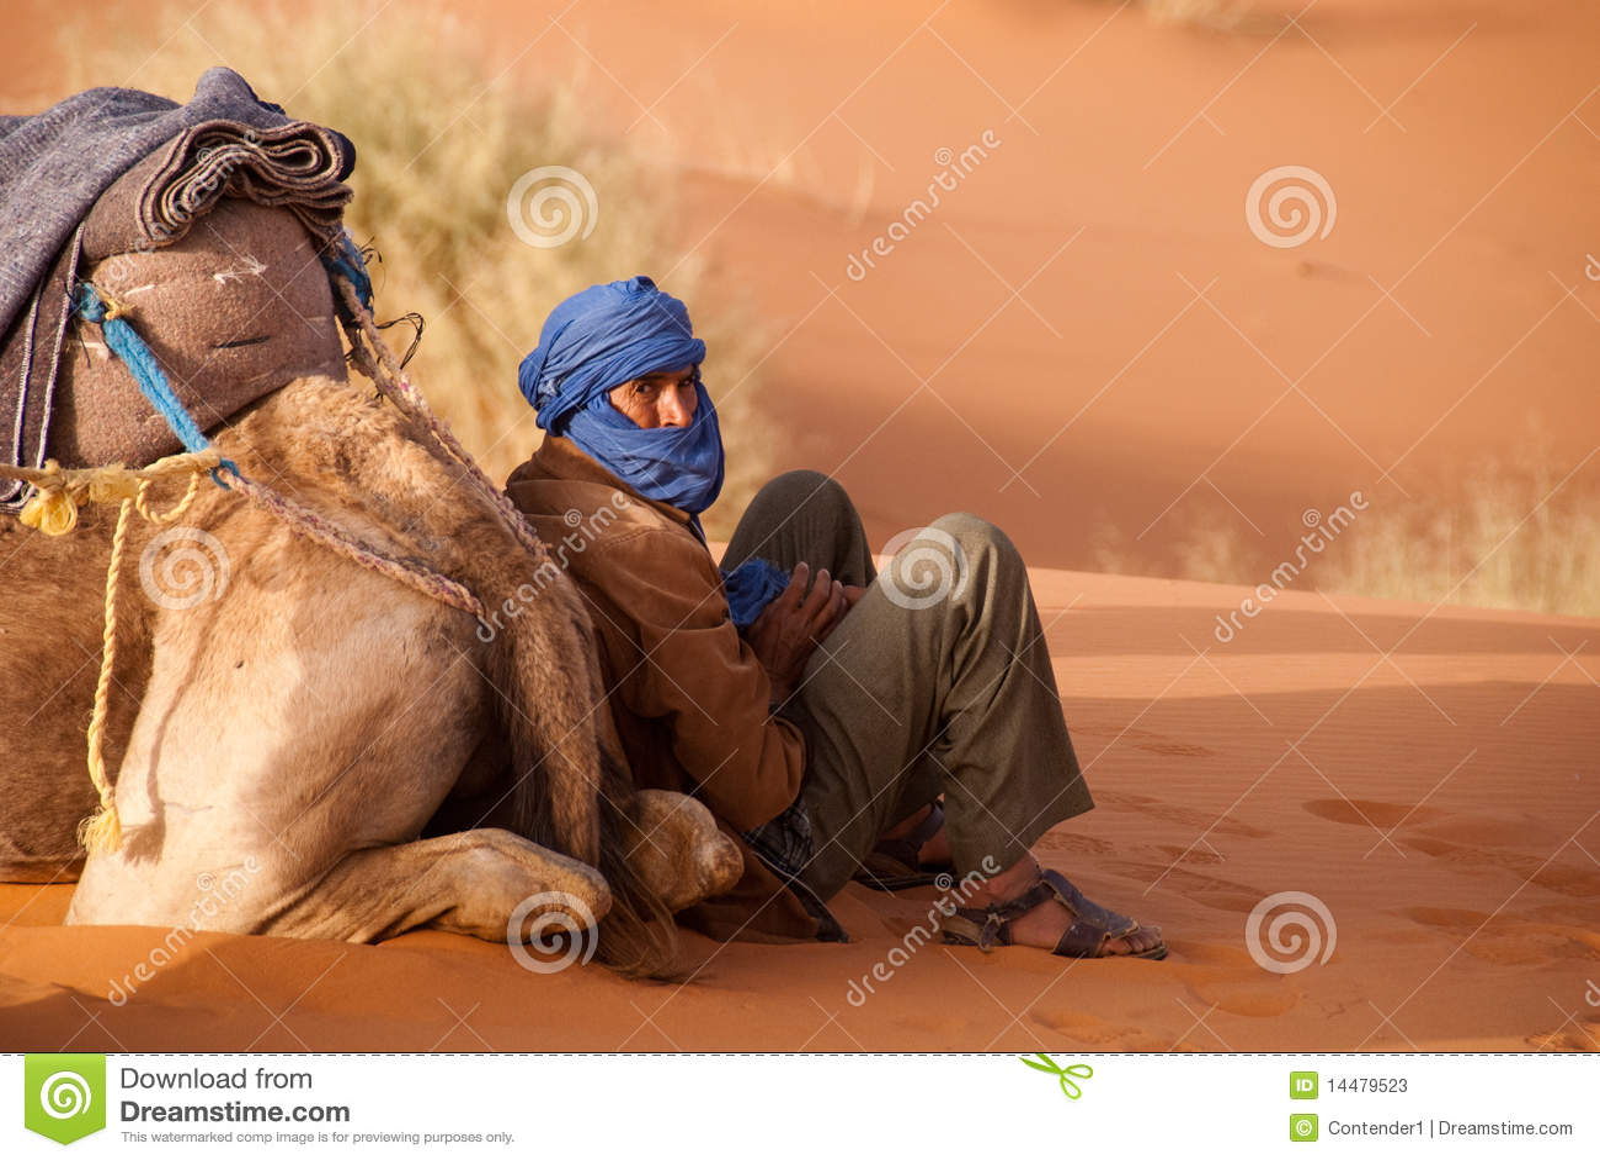 De de kameelgids van Berber neemt een onderbreking Marokko